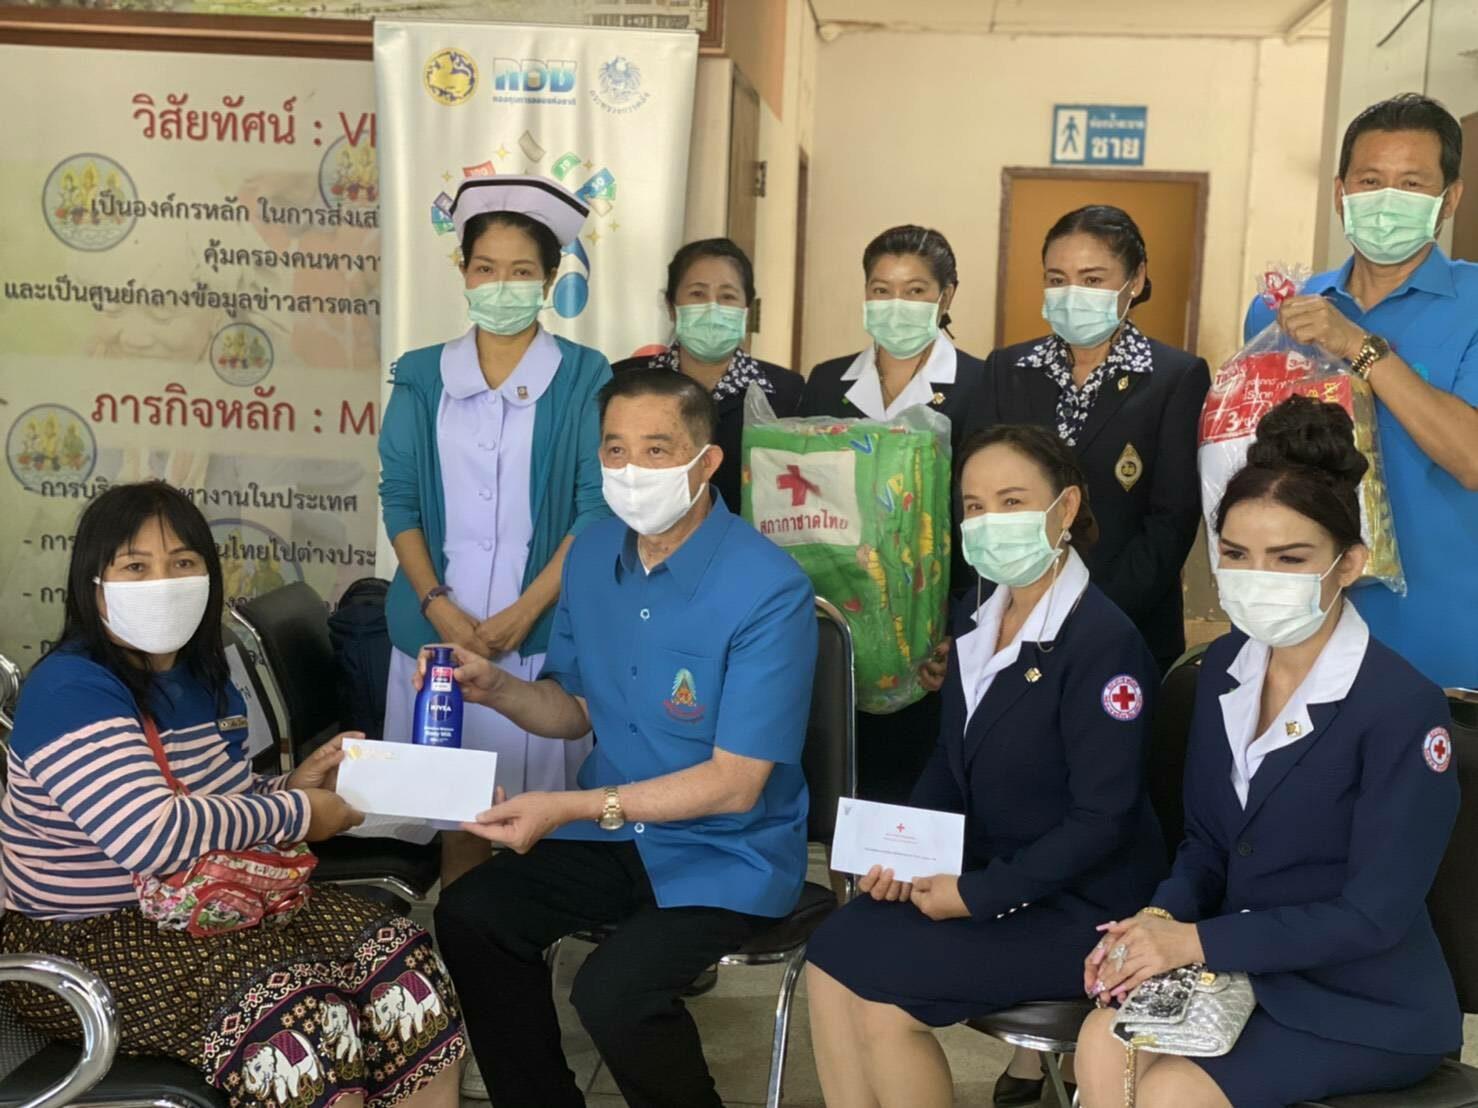 ผู้ว่าฯ-กาชาดแม่ฮ่องสอน ลงพื้นที่ดูแลผู้ป่วยในพระบรมราชานุเคราะห์ พื้นที่ห่างไกล